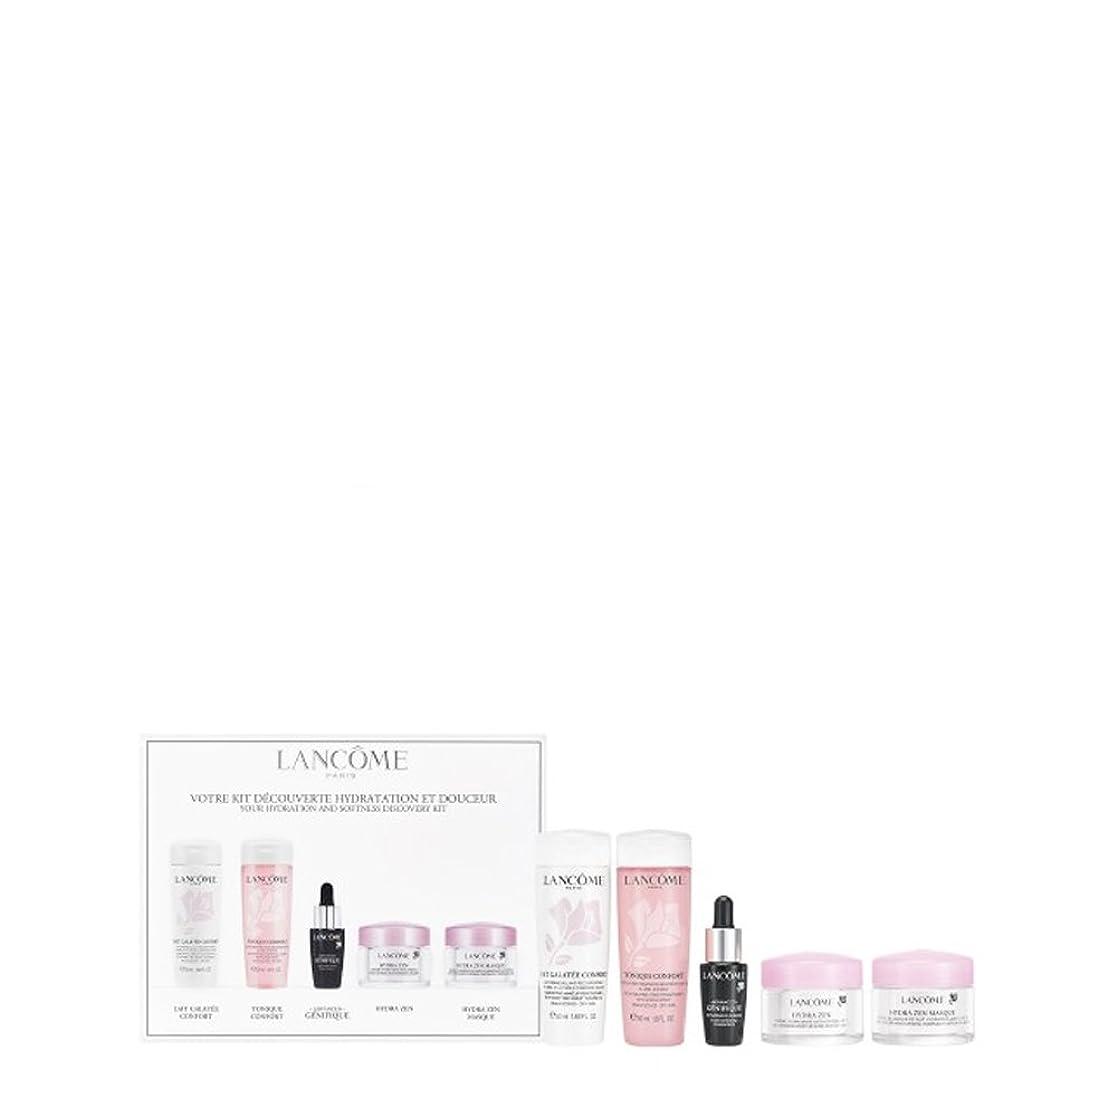 露第九外観ランコム Your Hydration & Softness Discovery Kit: Confort Galatee+Confort Tonique+Genifique Concentrate+Hydra Zen Cream+Hydra Zen Mask 5pcs並行輸入品